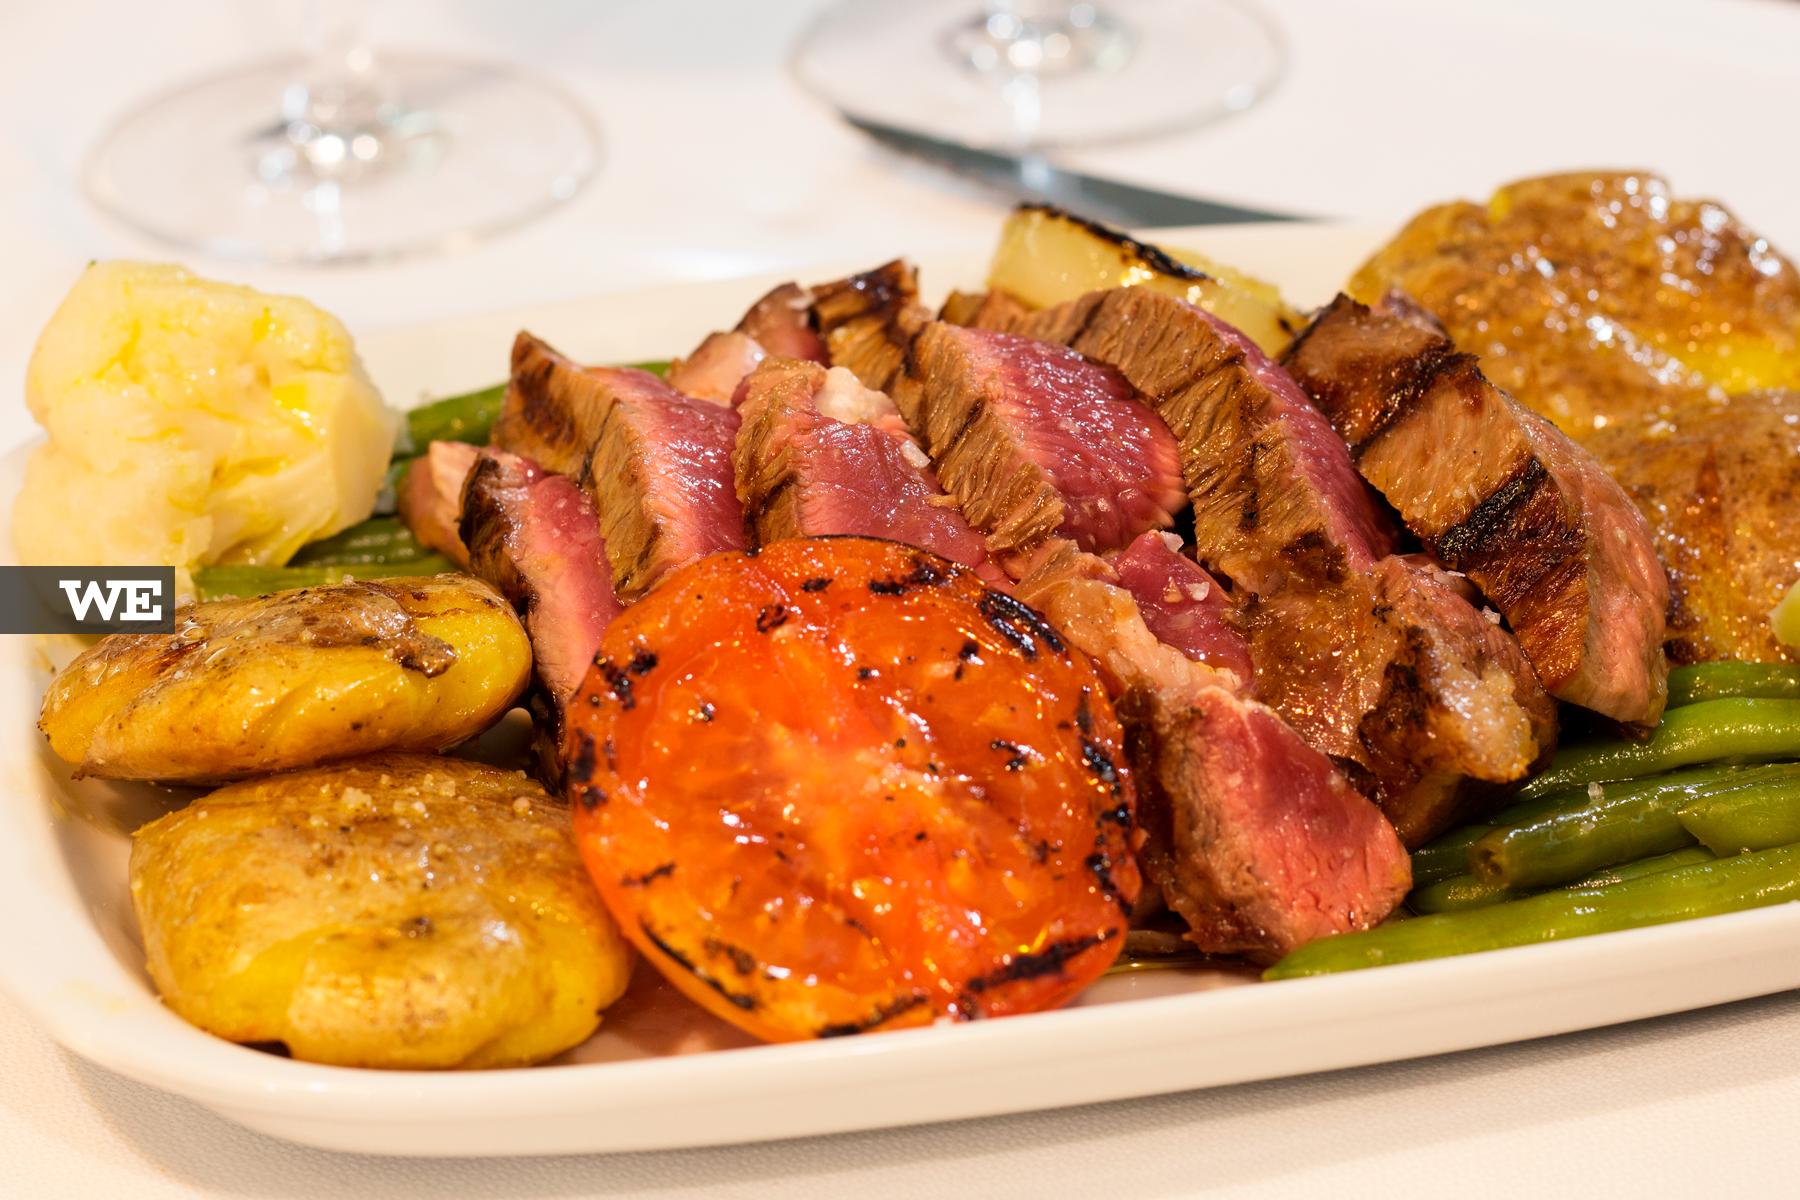 Restaurante Trotas - Carne Cachena - We Braga